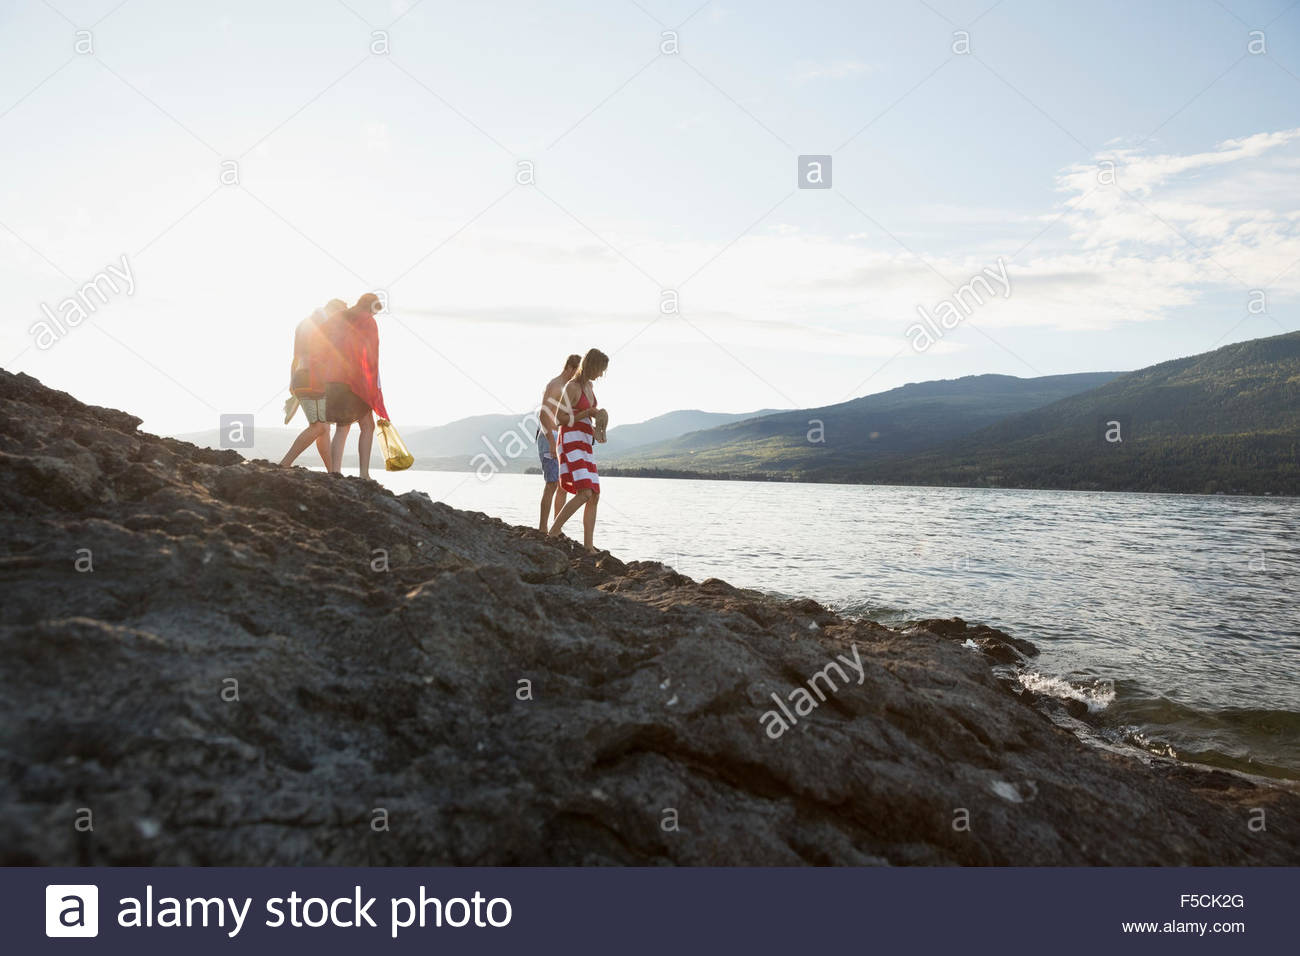 Junge Freunde, die zu Fuß auf den Felsen am sonnigen See Stockfoto